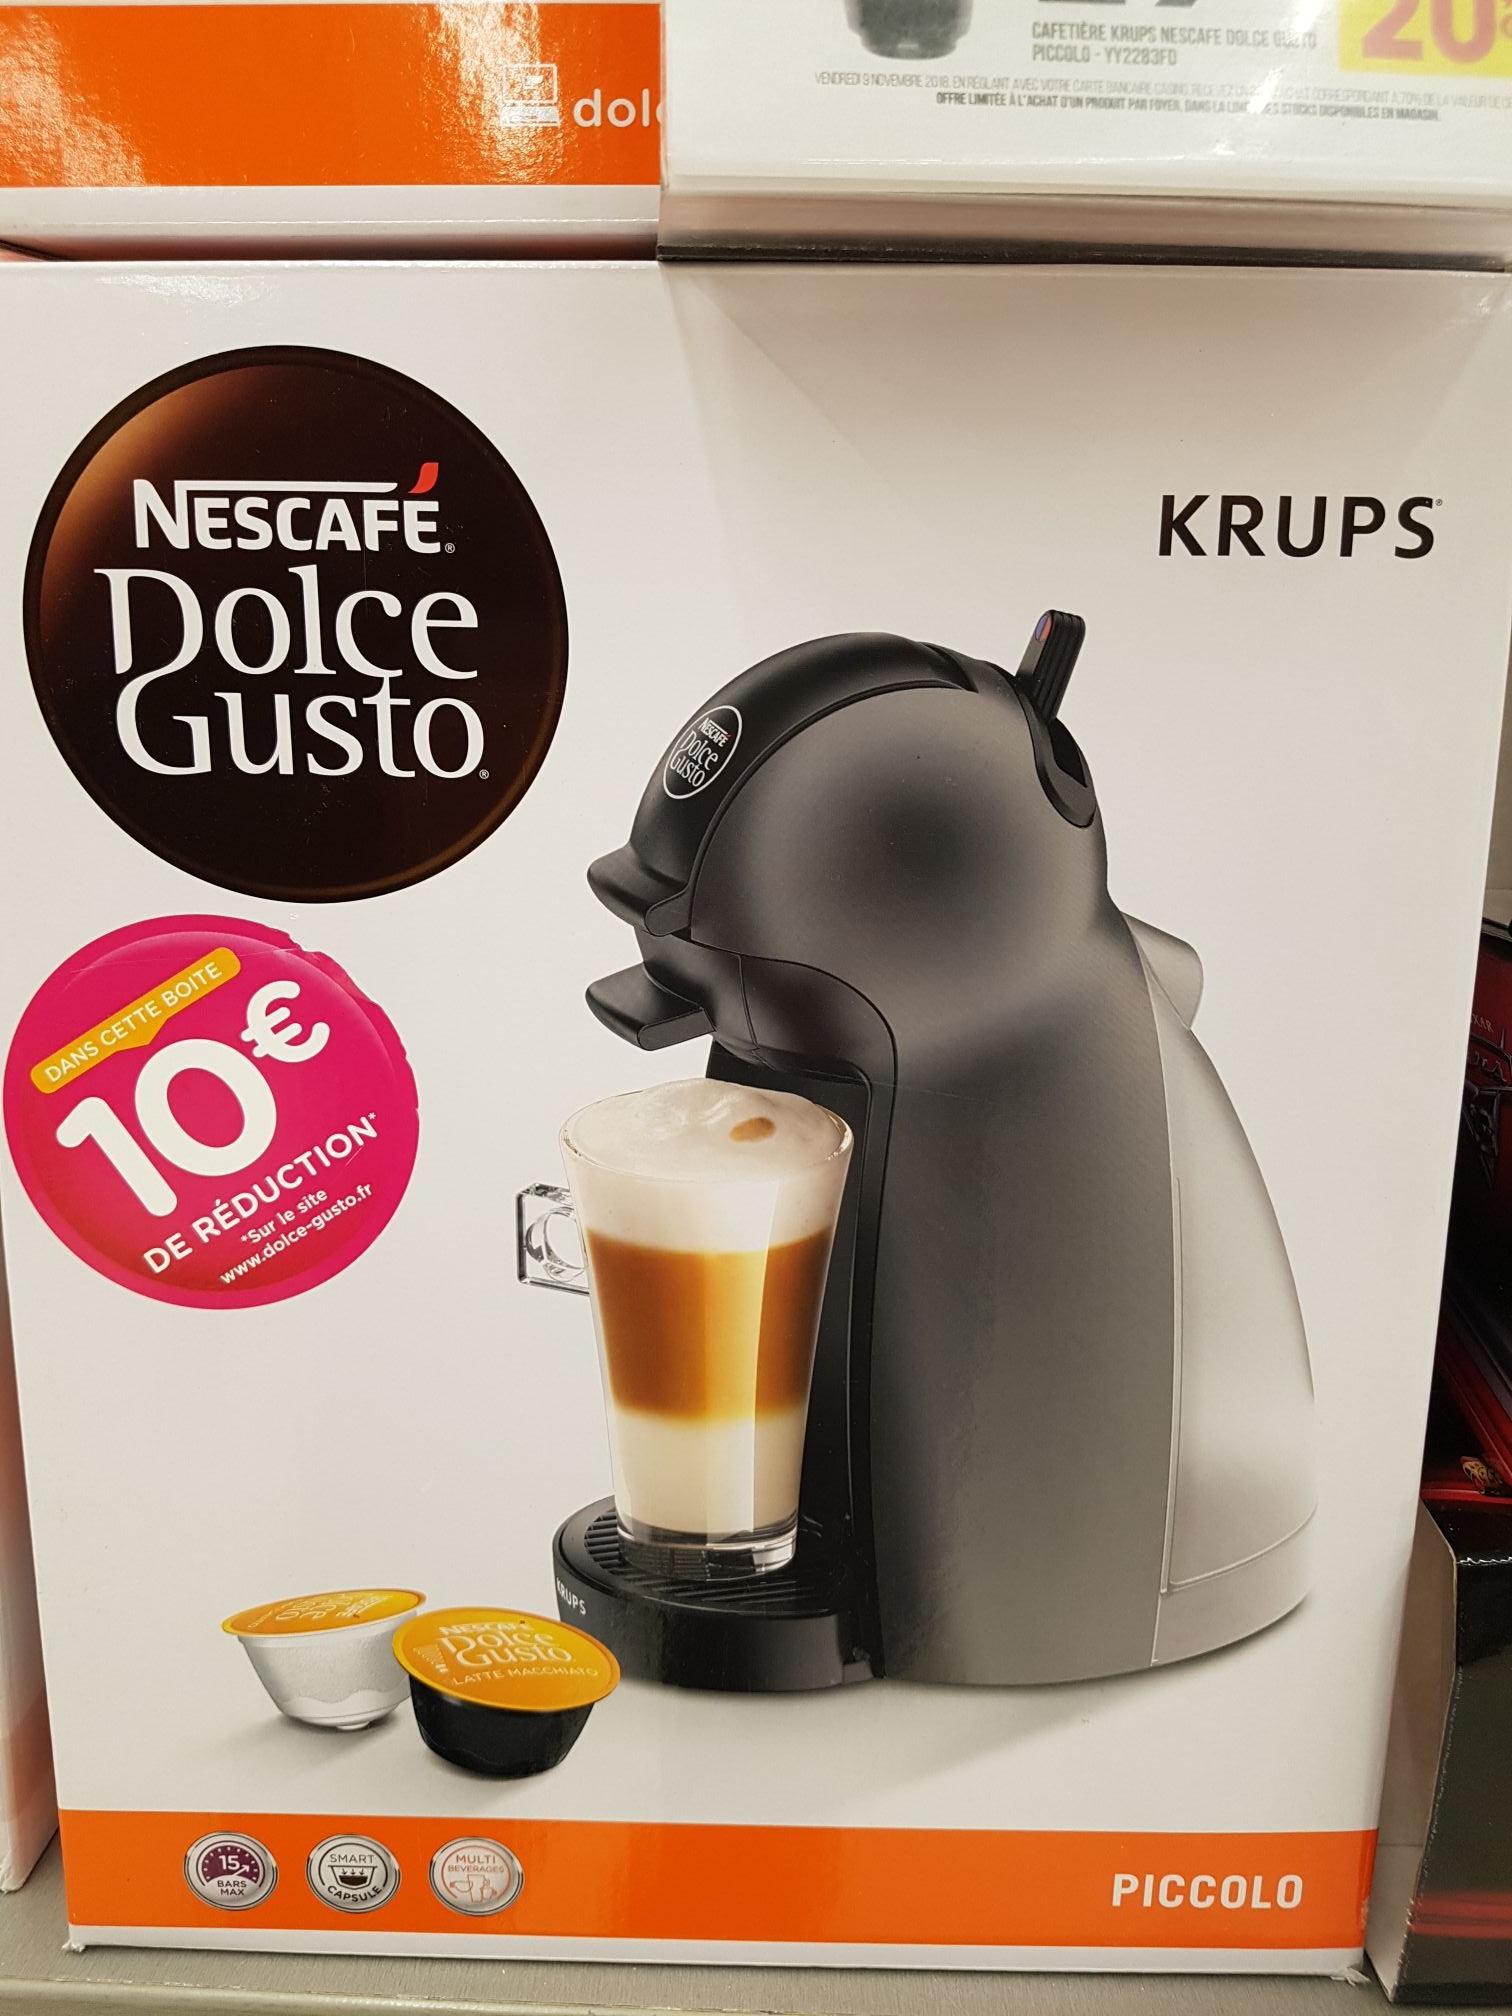 Machine à café Nescafé Dolce Gusto (via Bon d'Achat de 20€) + 10€ offerts sur le site Dolce-Gusto + 15€ bon dachat - Brest (29)